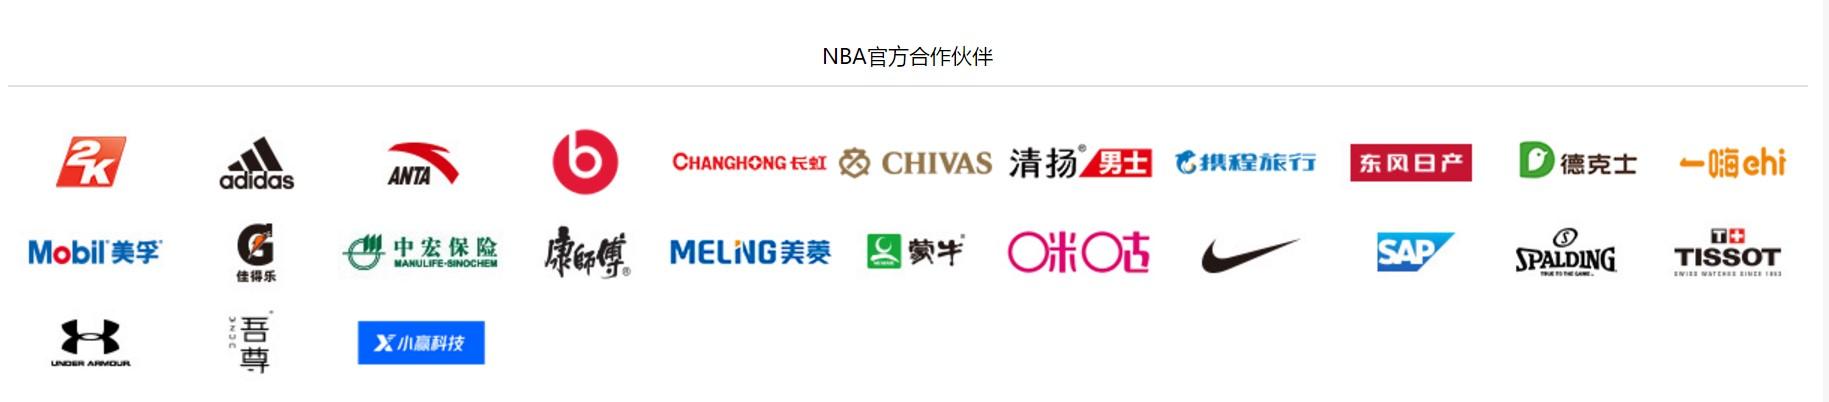 11家中国品牌中止或暂停合作,NBA中国的损失有多大?